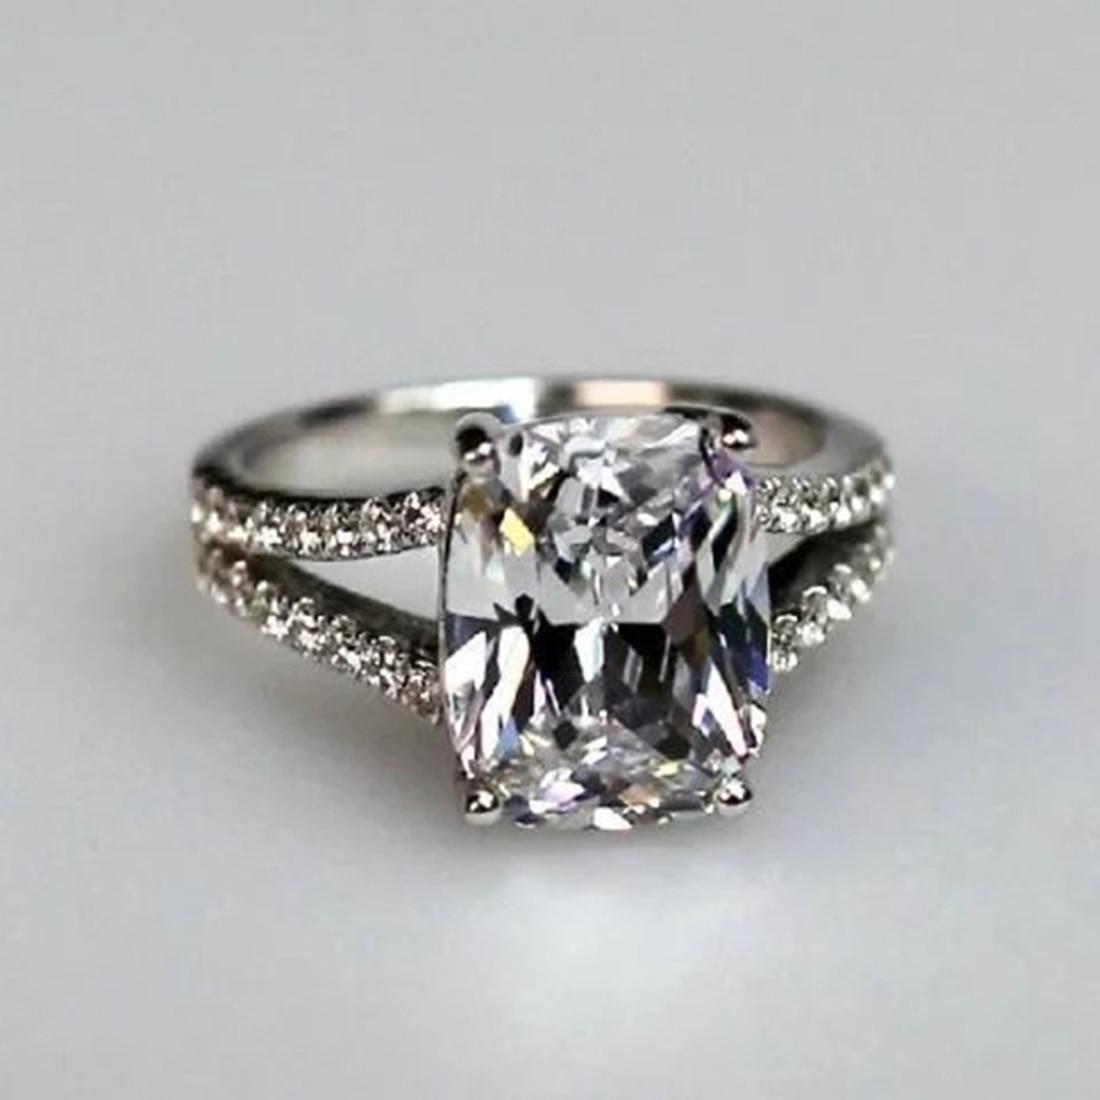 Jiayiqi 2018 Fashion Inlaid Natural Simulated Diamonds CZ Ring Women Engagement Wedding Fine Jewelry ...